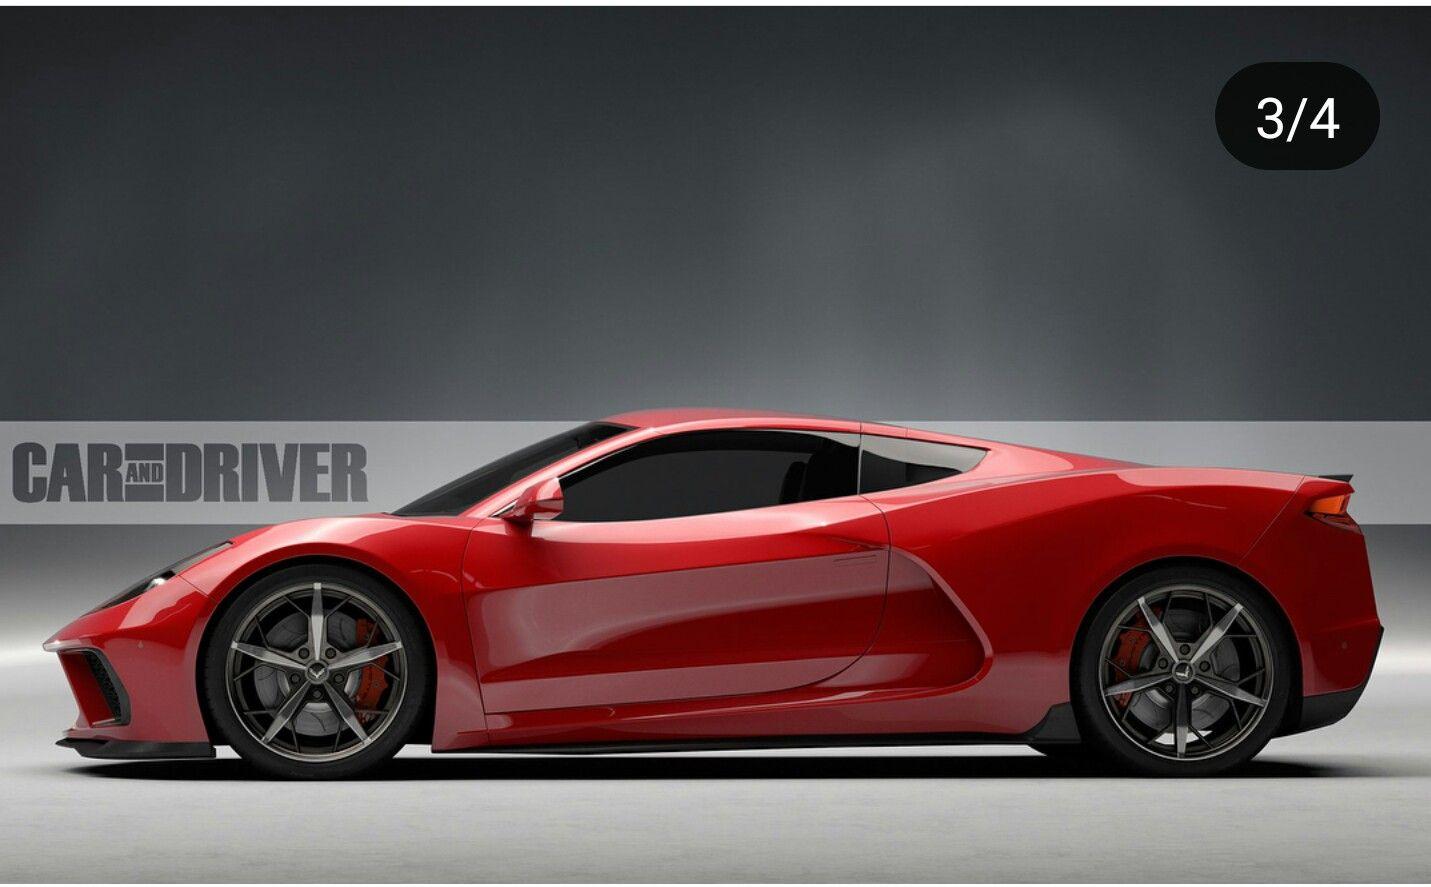 Mid Engine Corvette Chevrolet Corvette Corvette Chevrolet